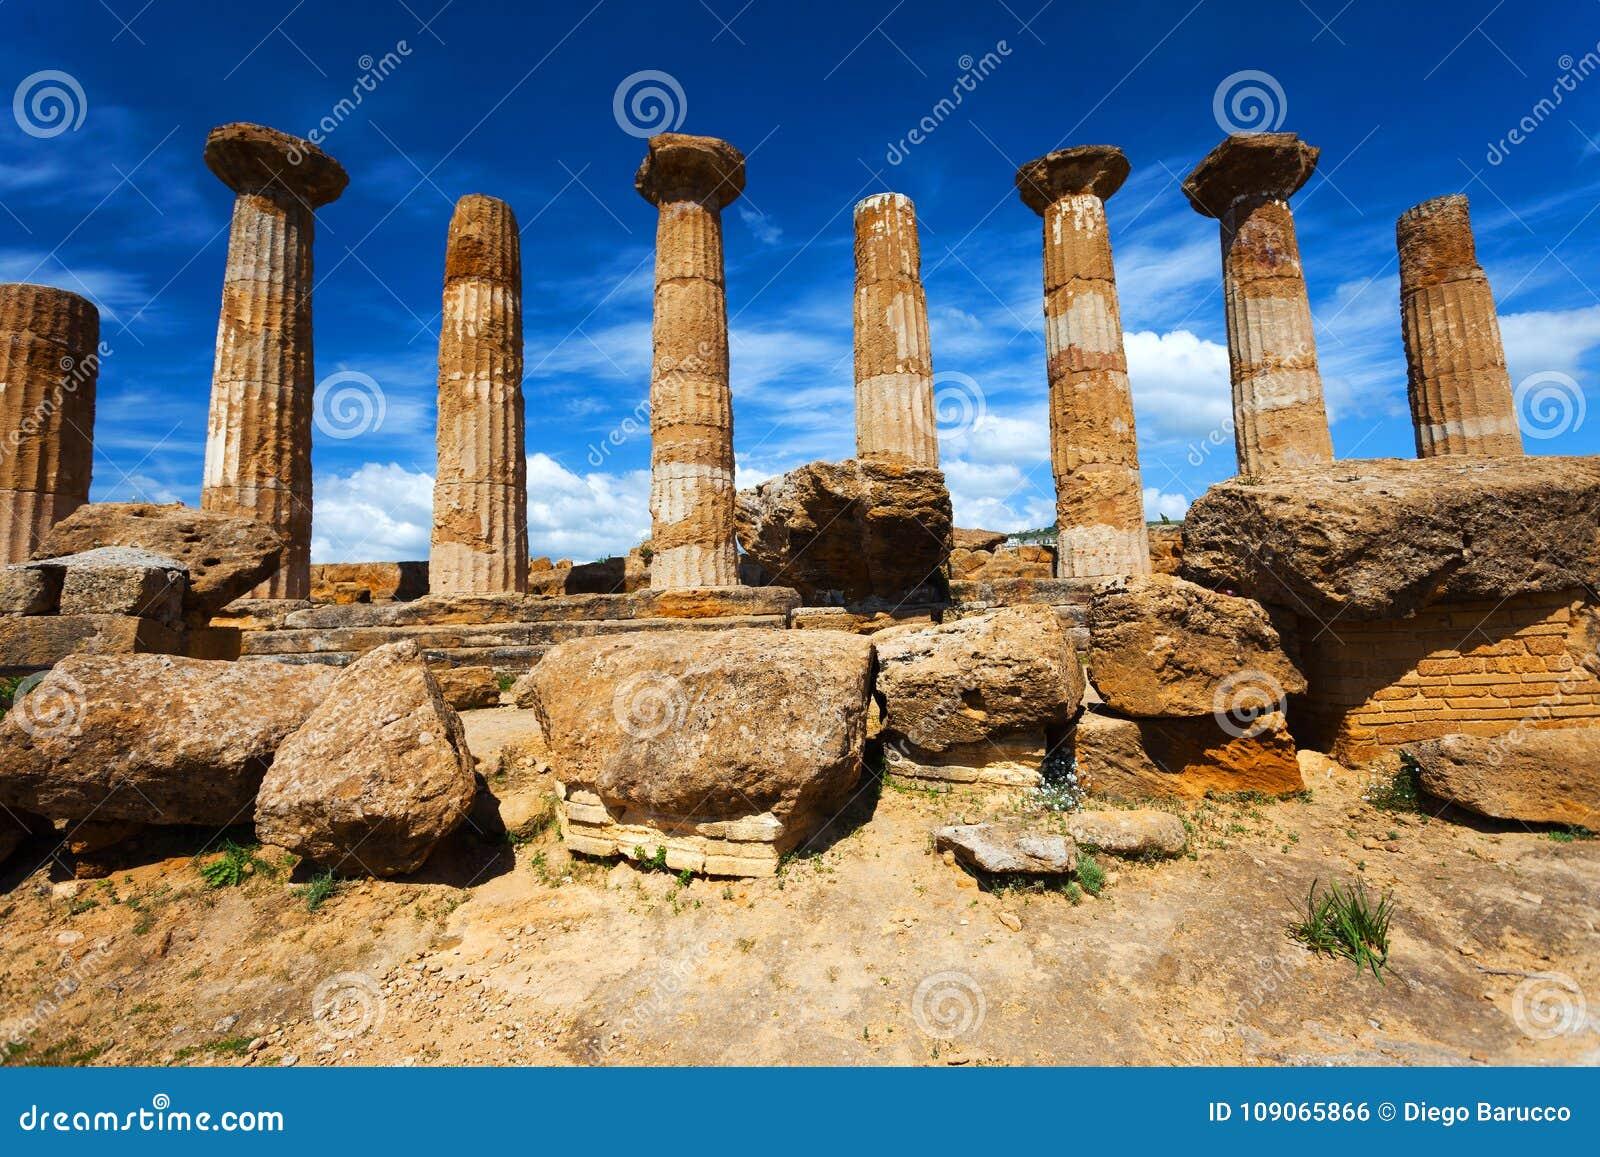 Hercules Temple en el parque arqueológico de Agrigento sicilia